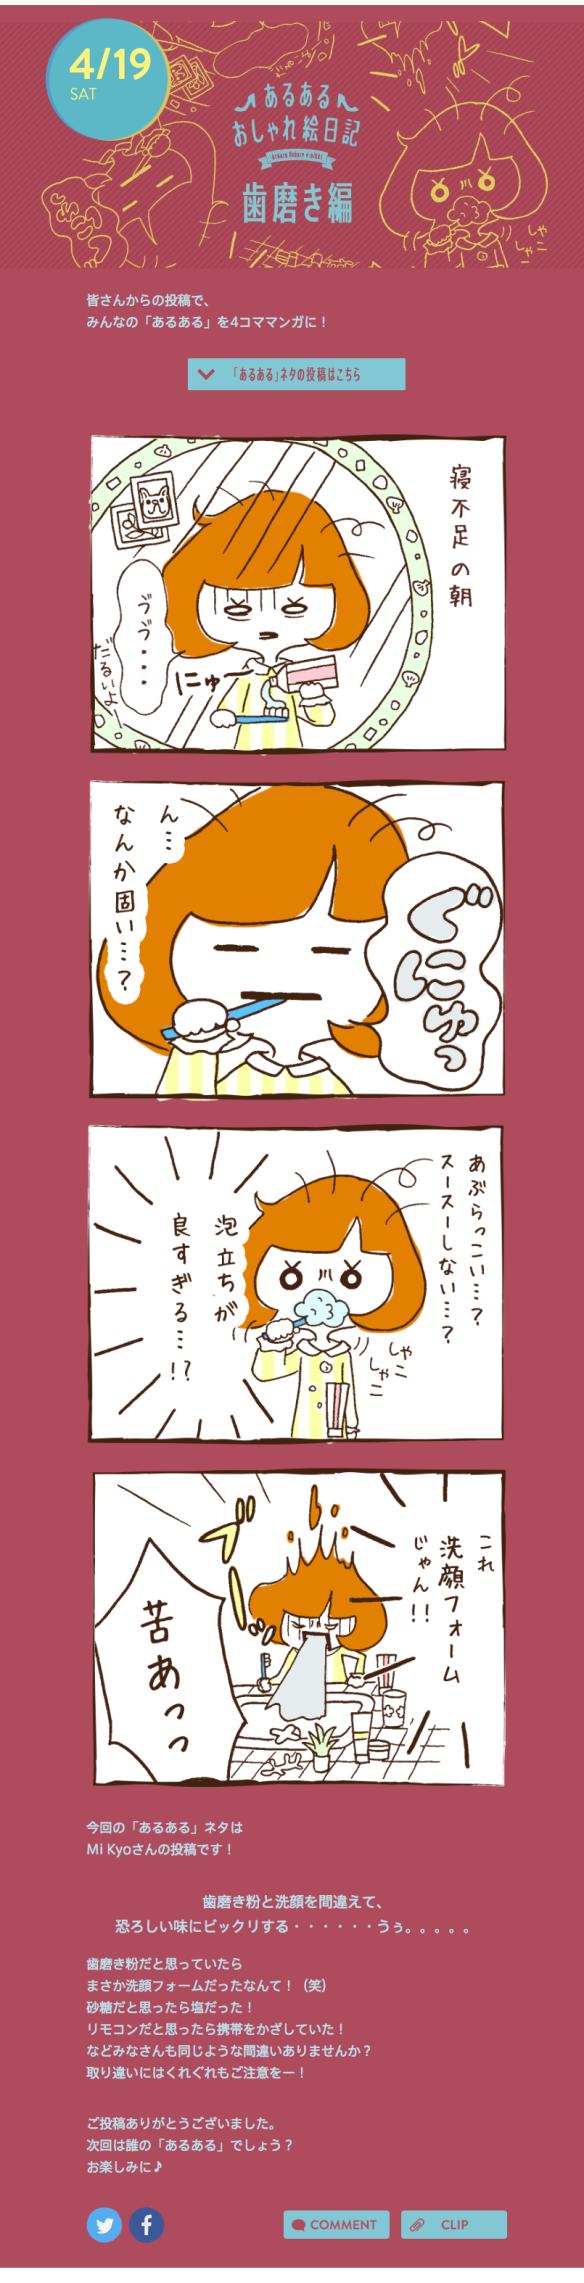 歯磨き編   あるあるおしゃれ絵日記   Café Daily Magazine   KIRIN